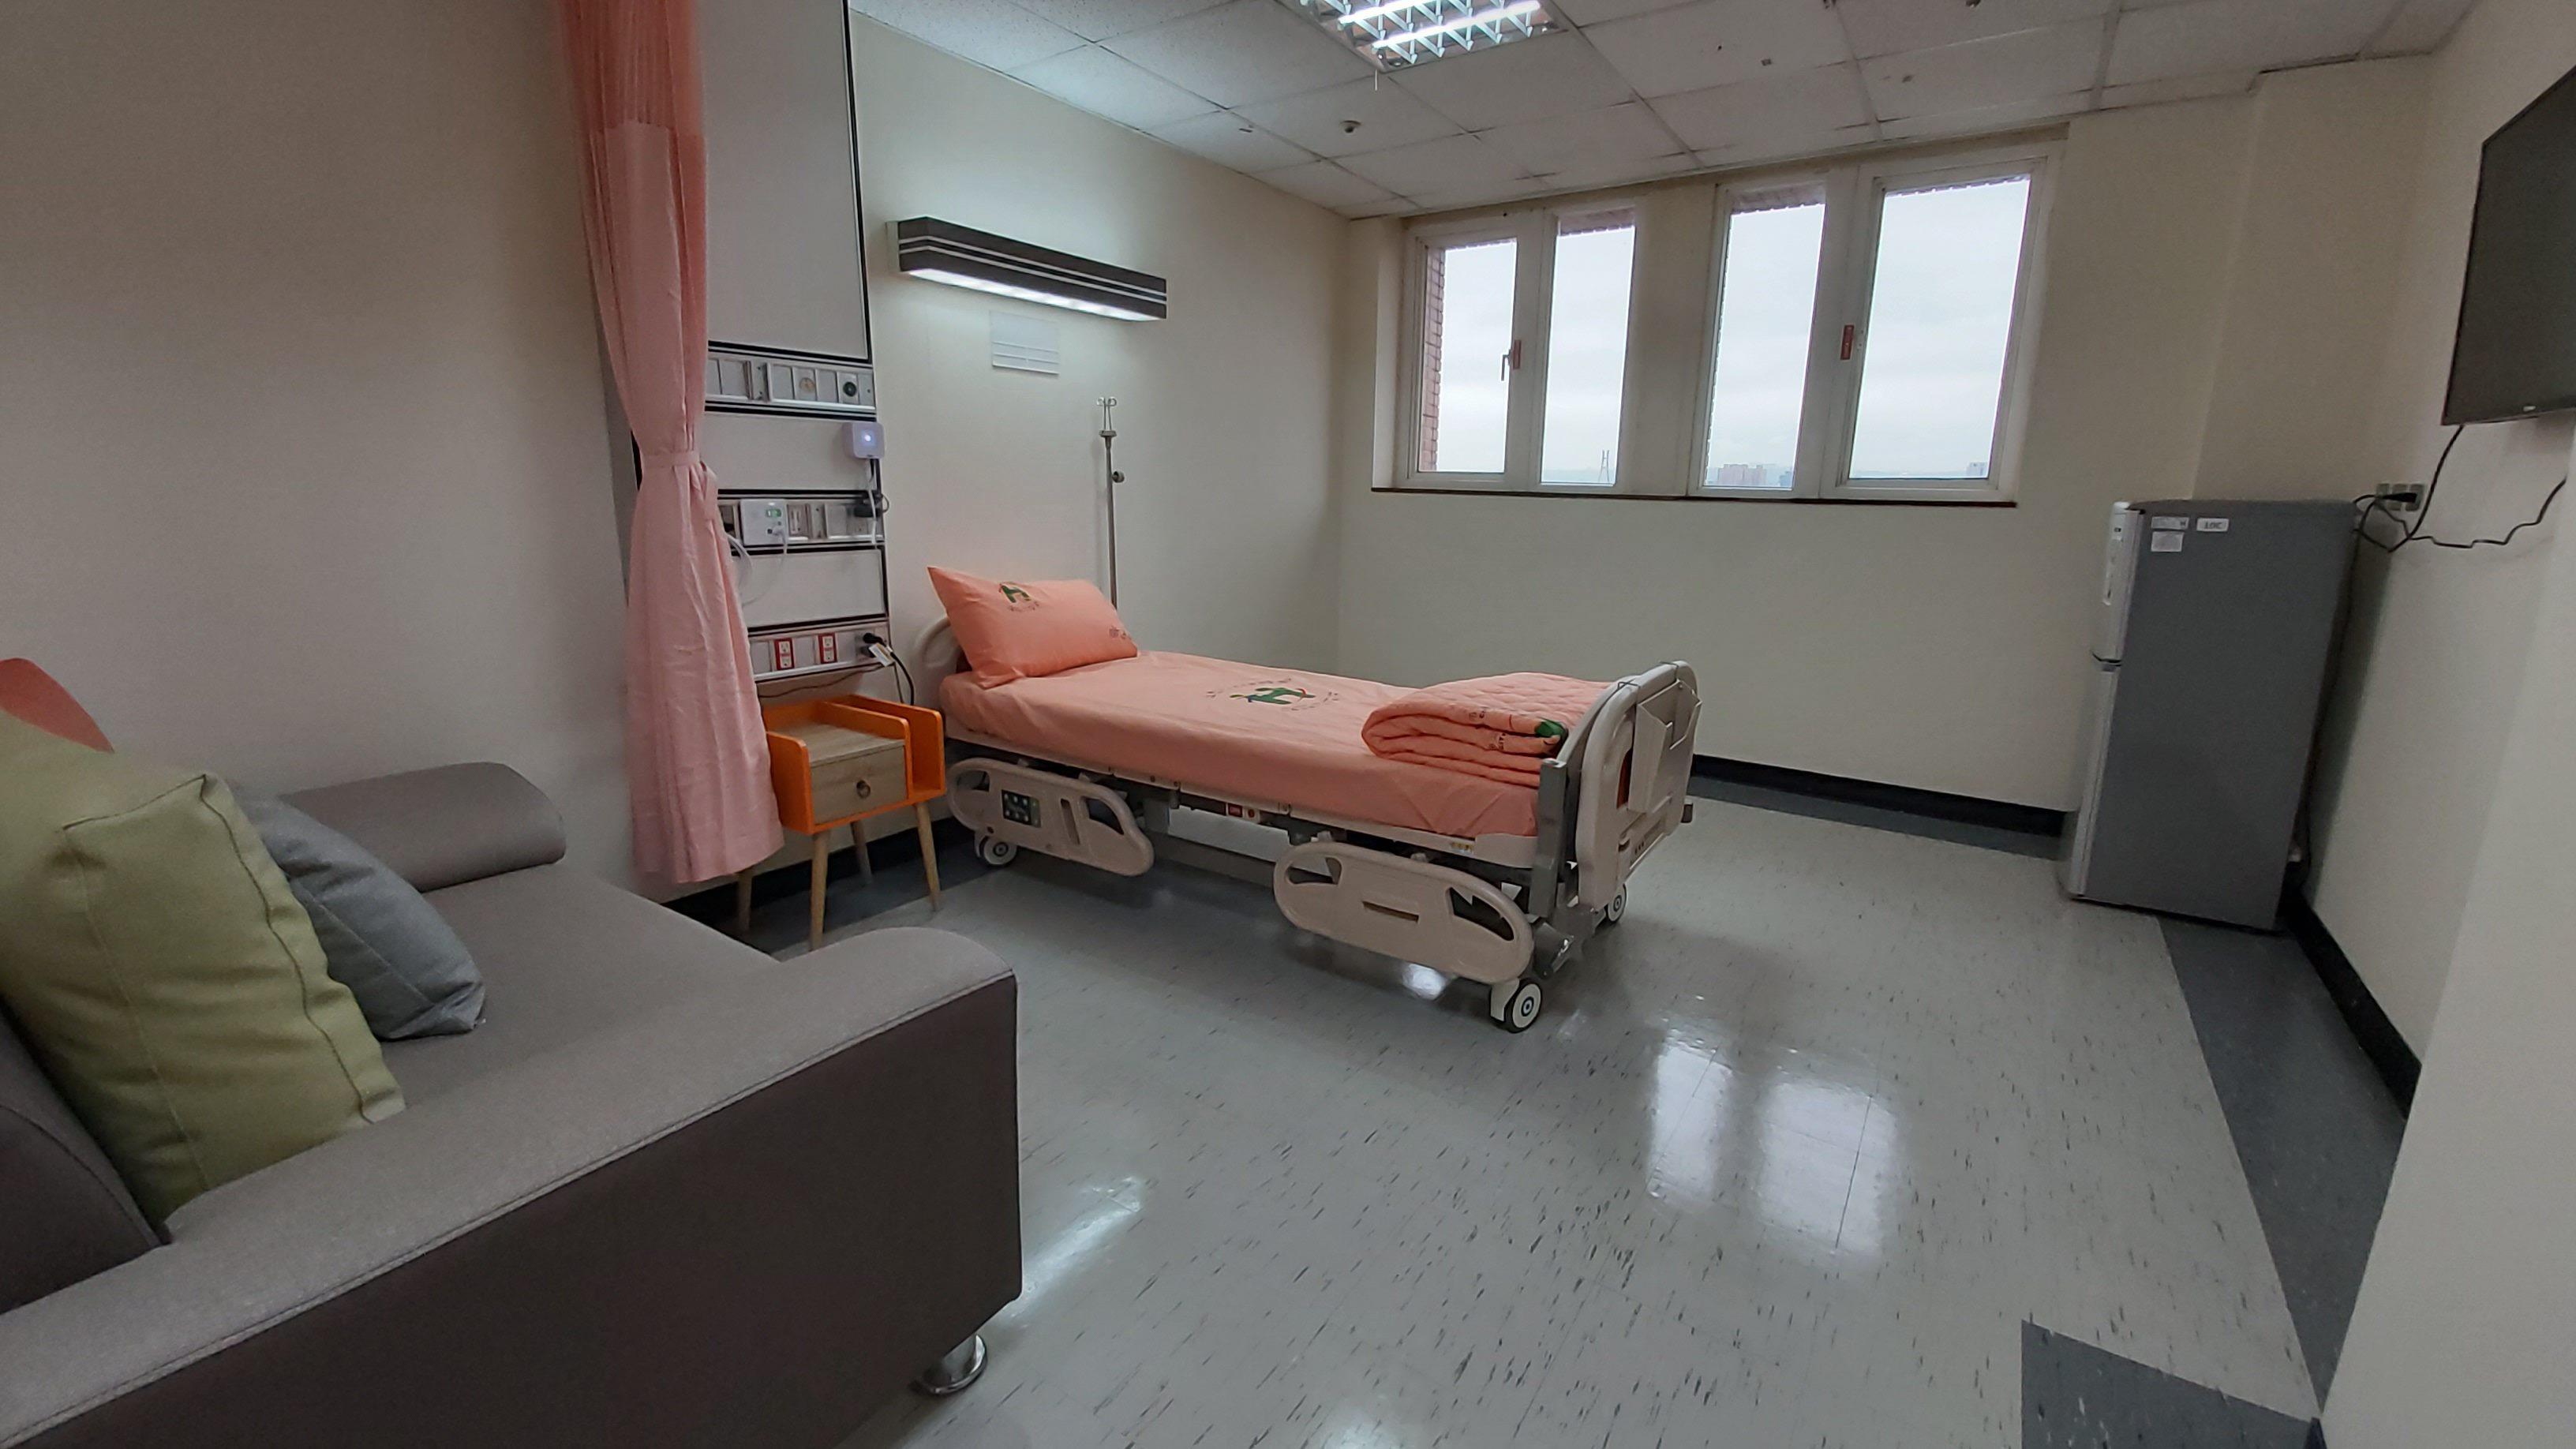 中興住宿長照機構所有房型皆有對外窗,空間寬敞。每張床都安裝智能系統,提供身體擺位的訊息傳回護理站,做為壓瘡的警示防範。